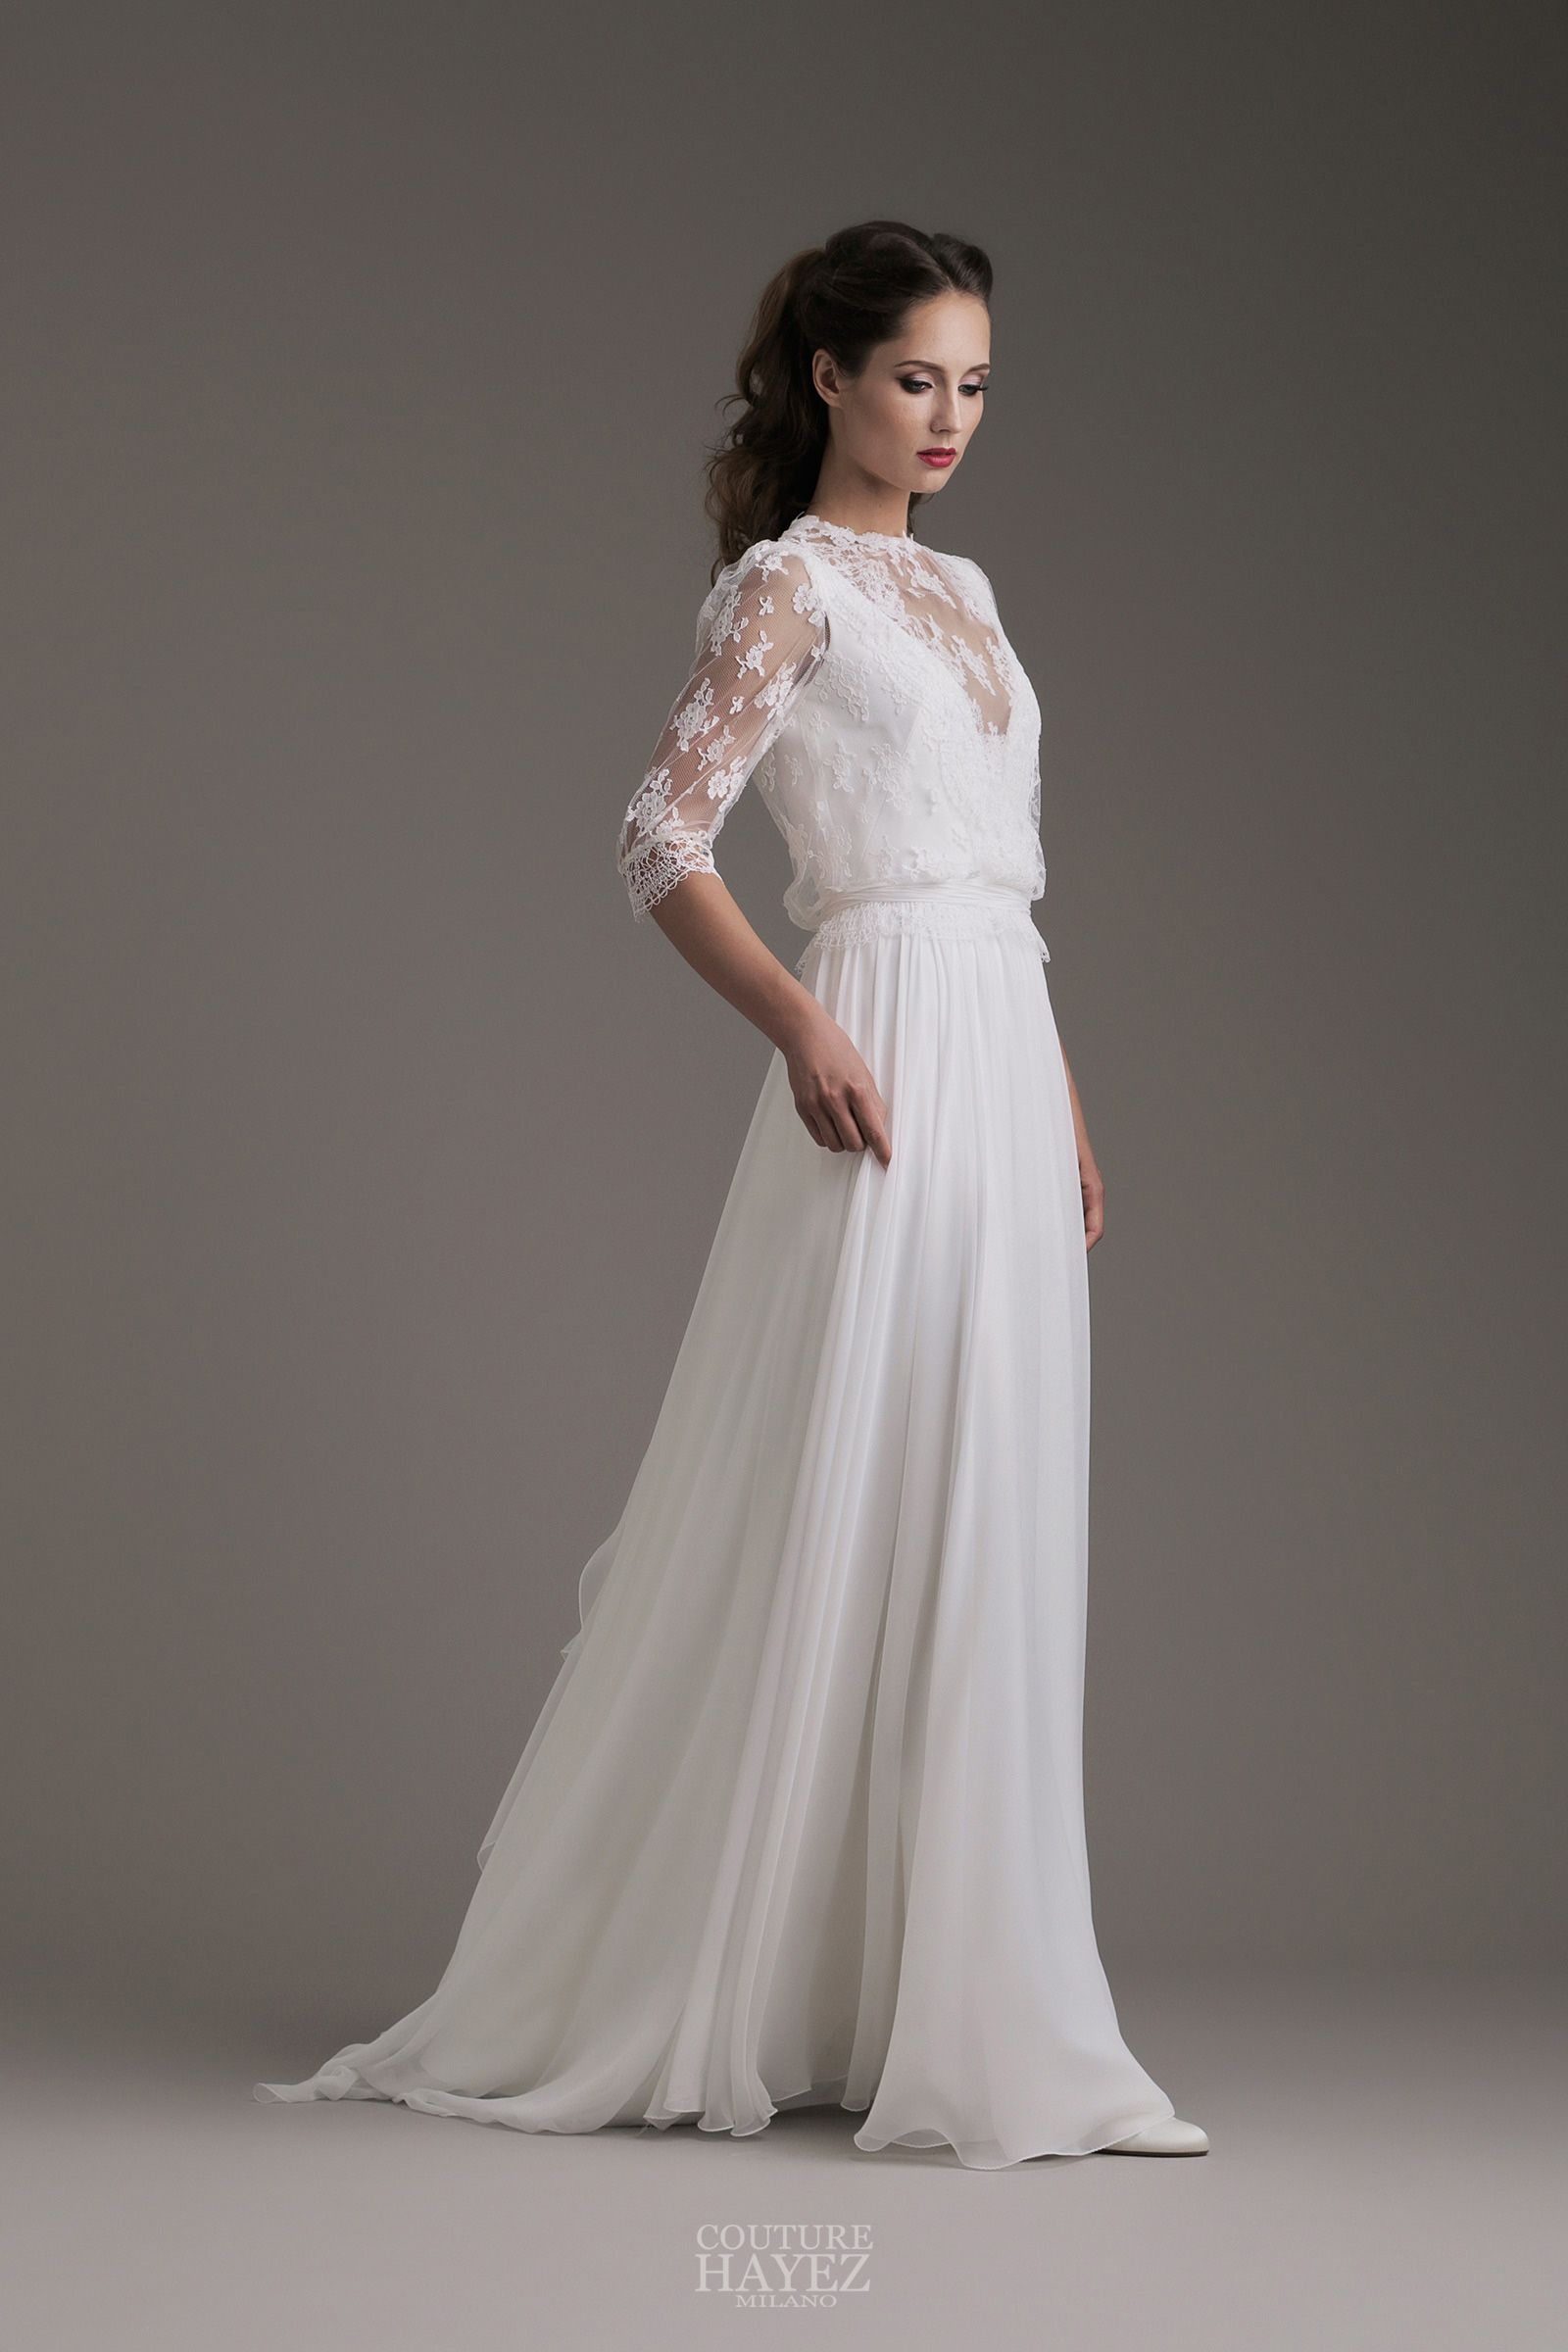 3eb5d8623147 Eleganza e romanticismo contraddistinguono quest abito che nasce dal  connubio di due pizzi pregiati e